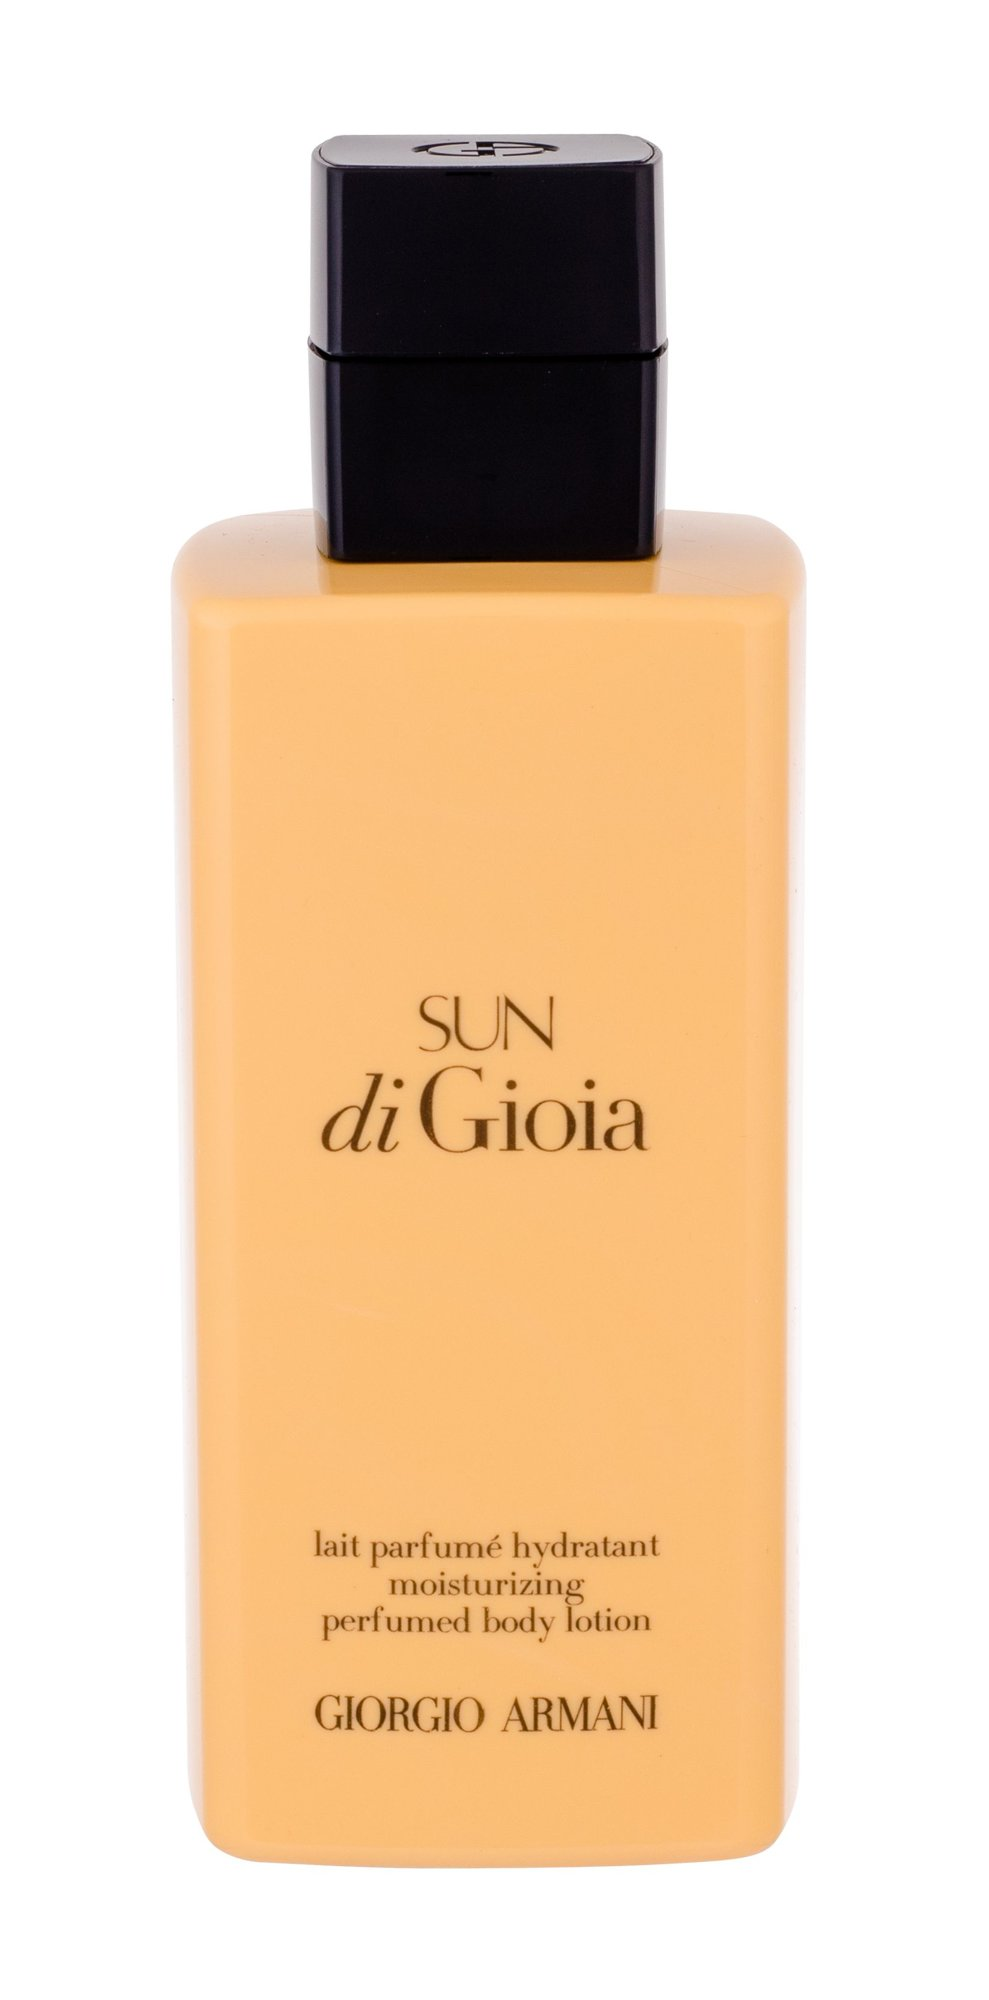 Giorgio Armani Sun di Gioia Body lotion 200ml